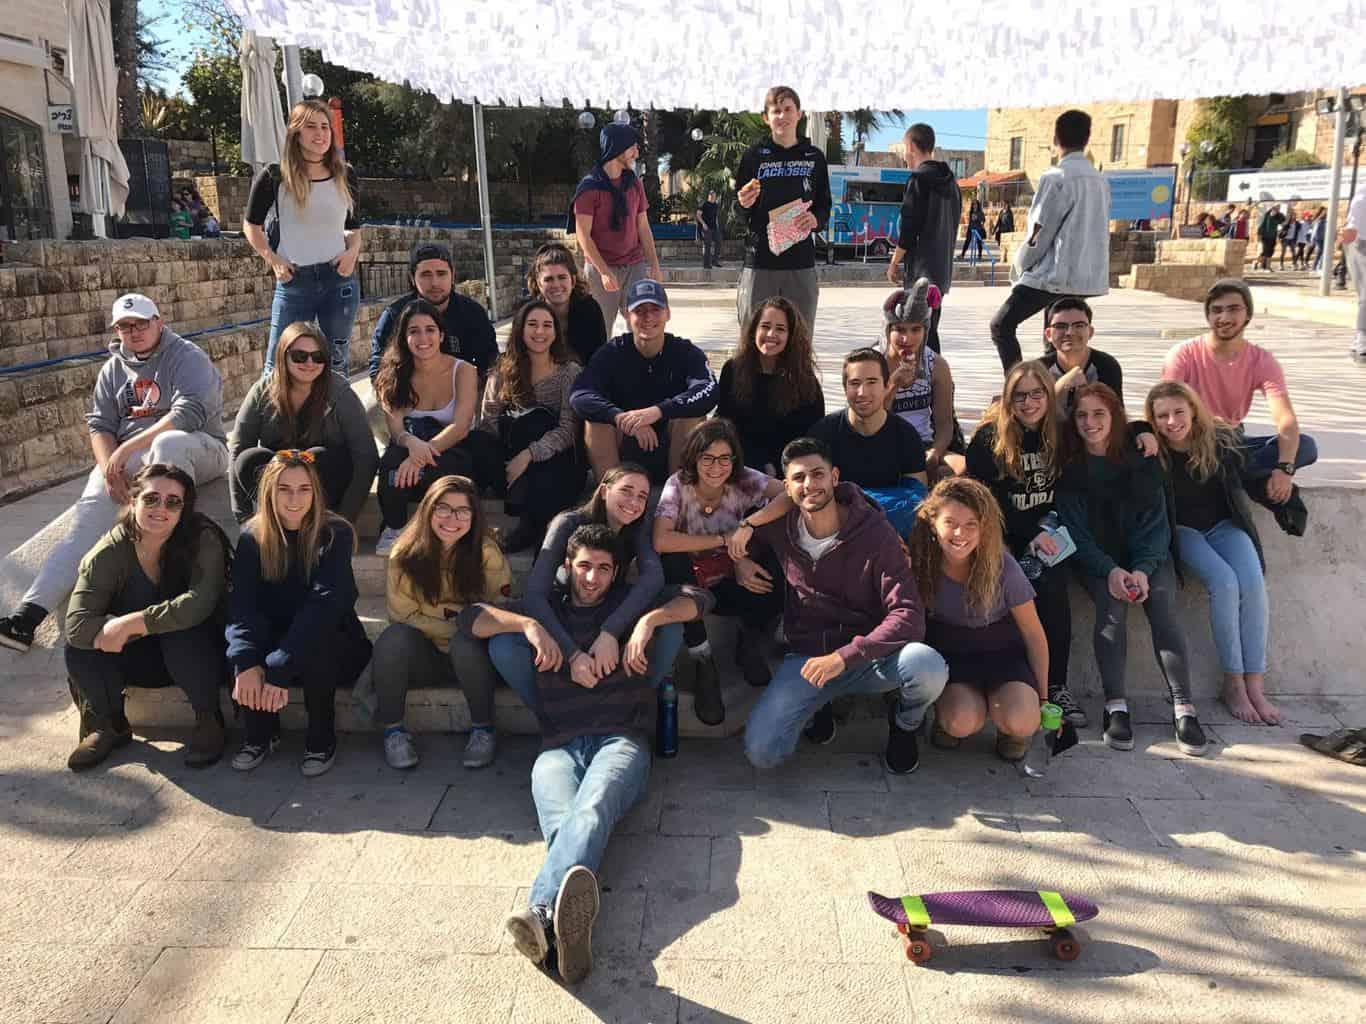 Tel Aviv Update: Tel Aviv December 28, 2017